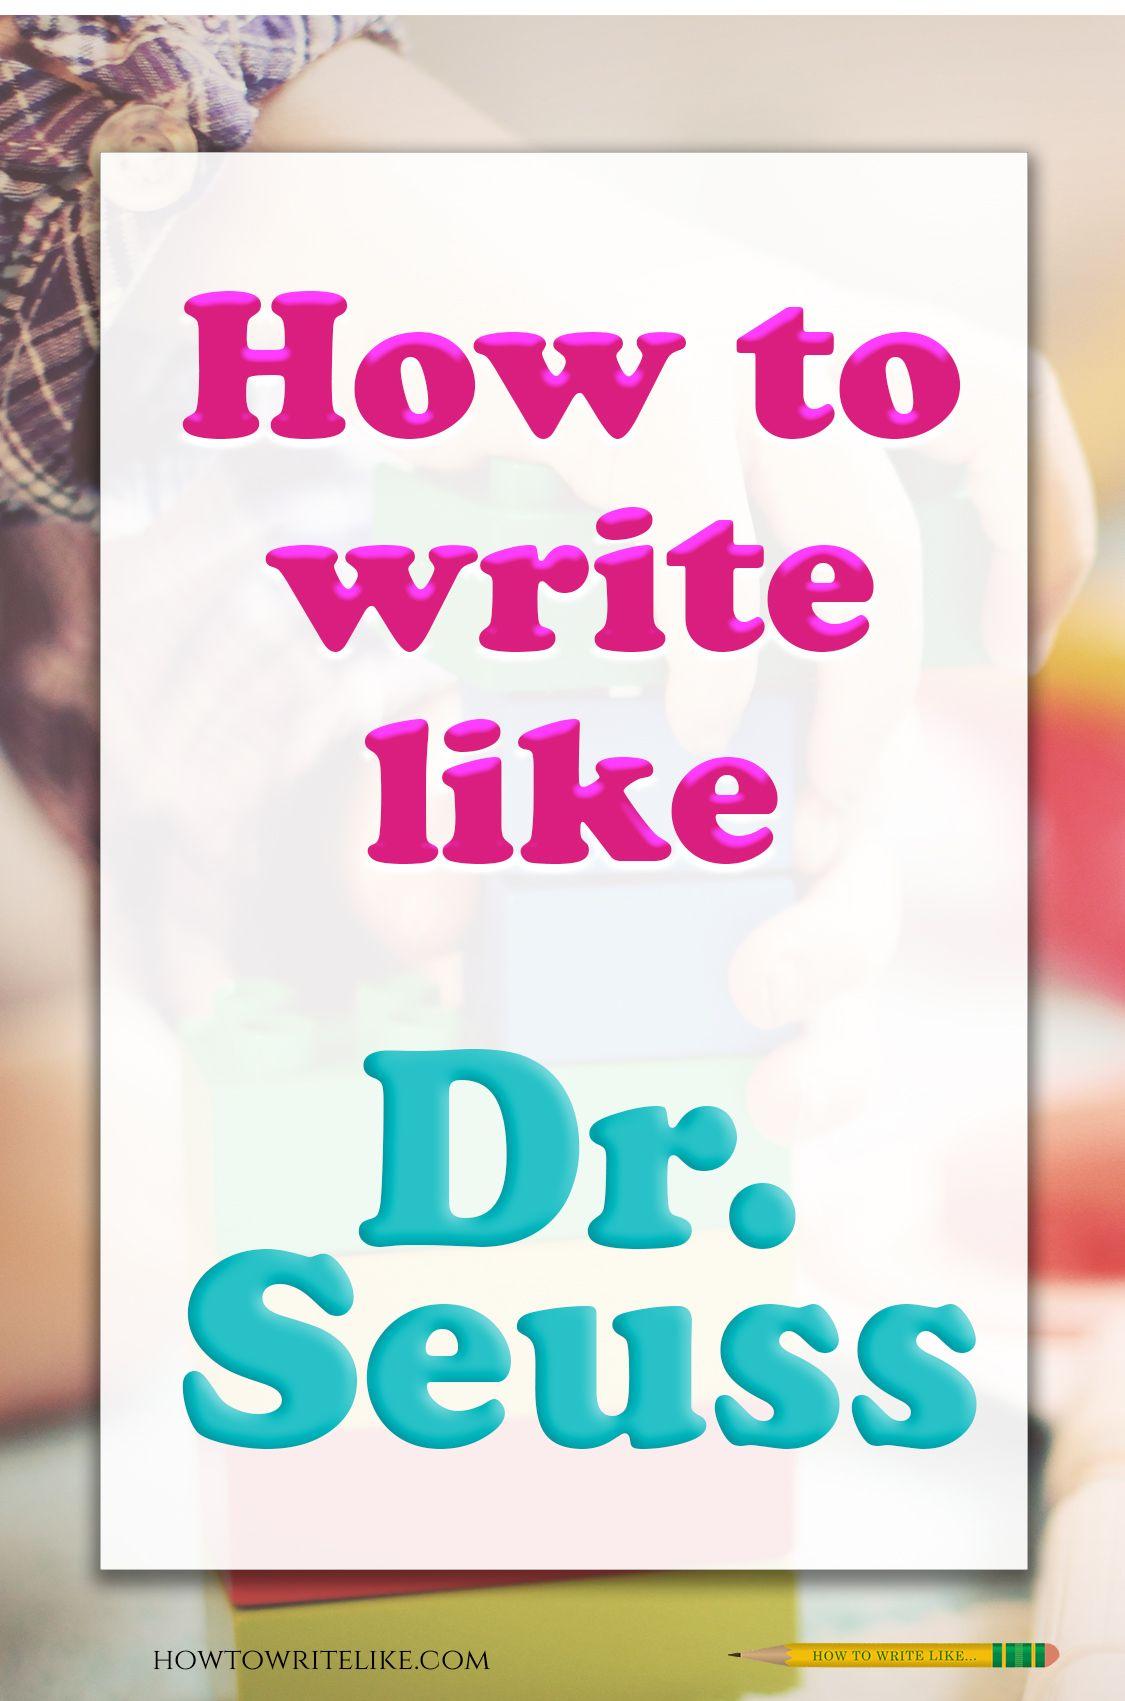 How to write like Dr. Seuss  Seuss, Christmas poems, Writing